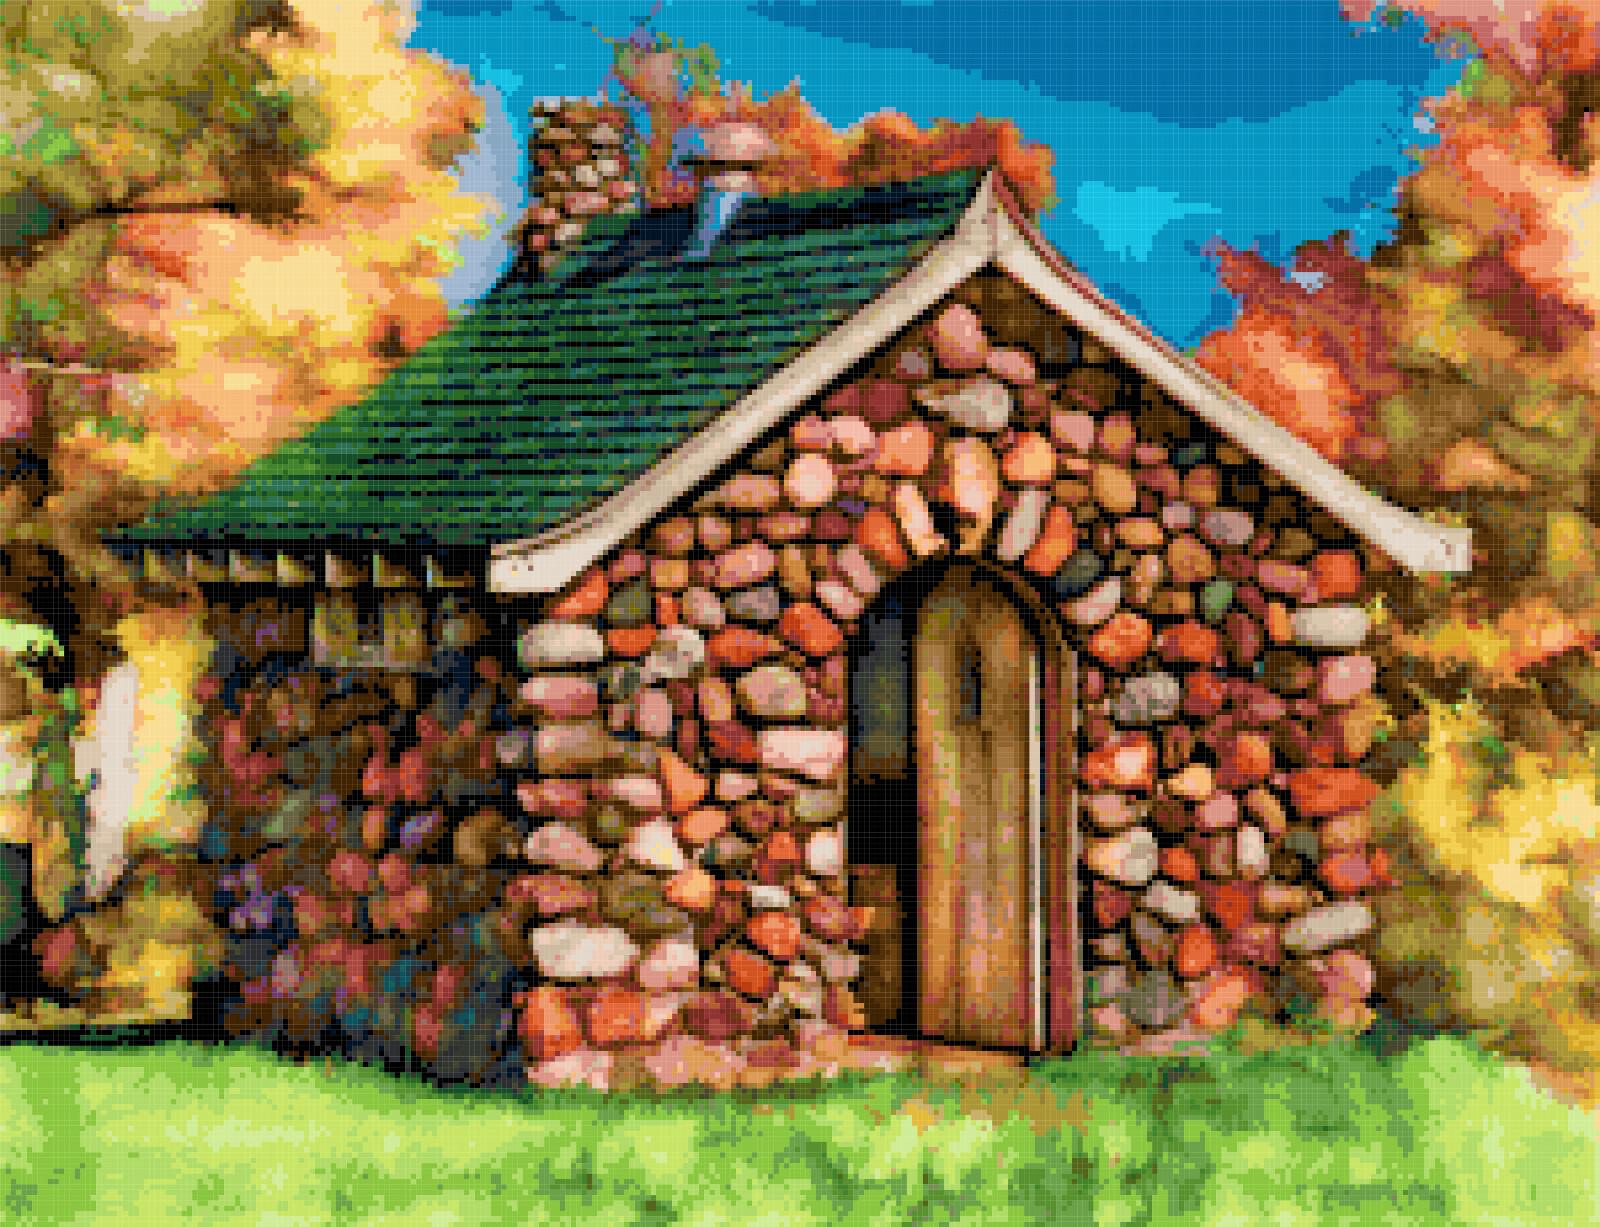 stone hut cross stitch image